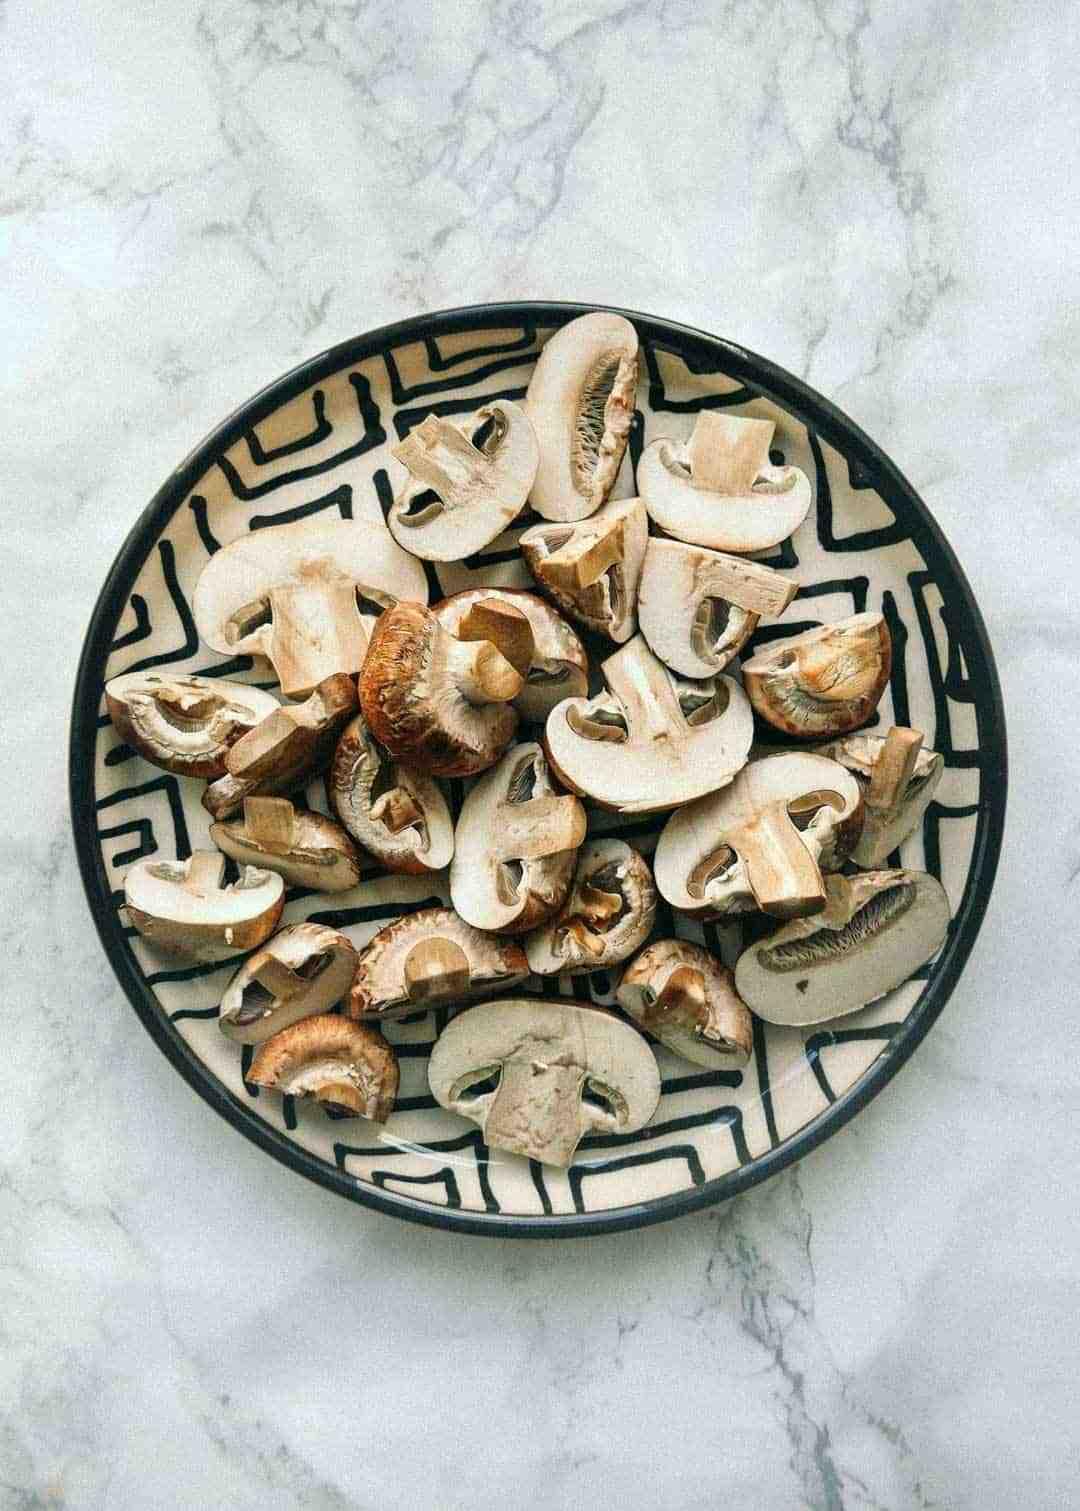 seasonal fresh mushrooms